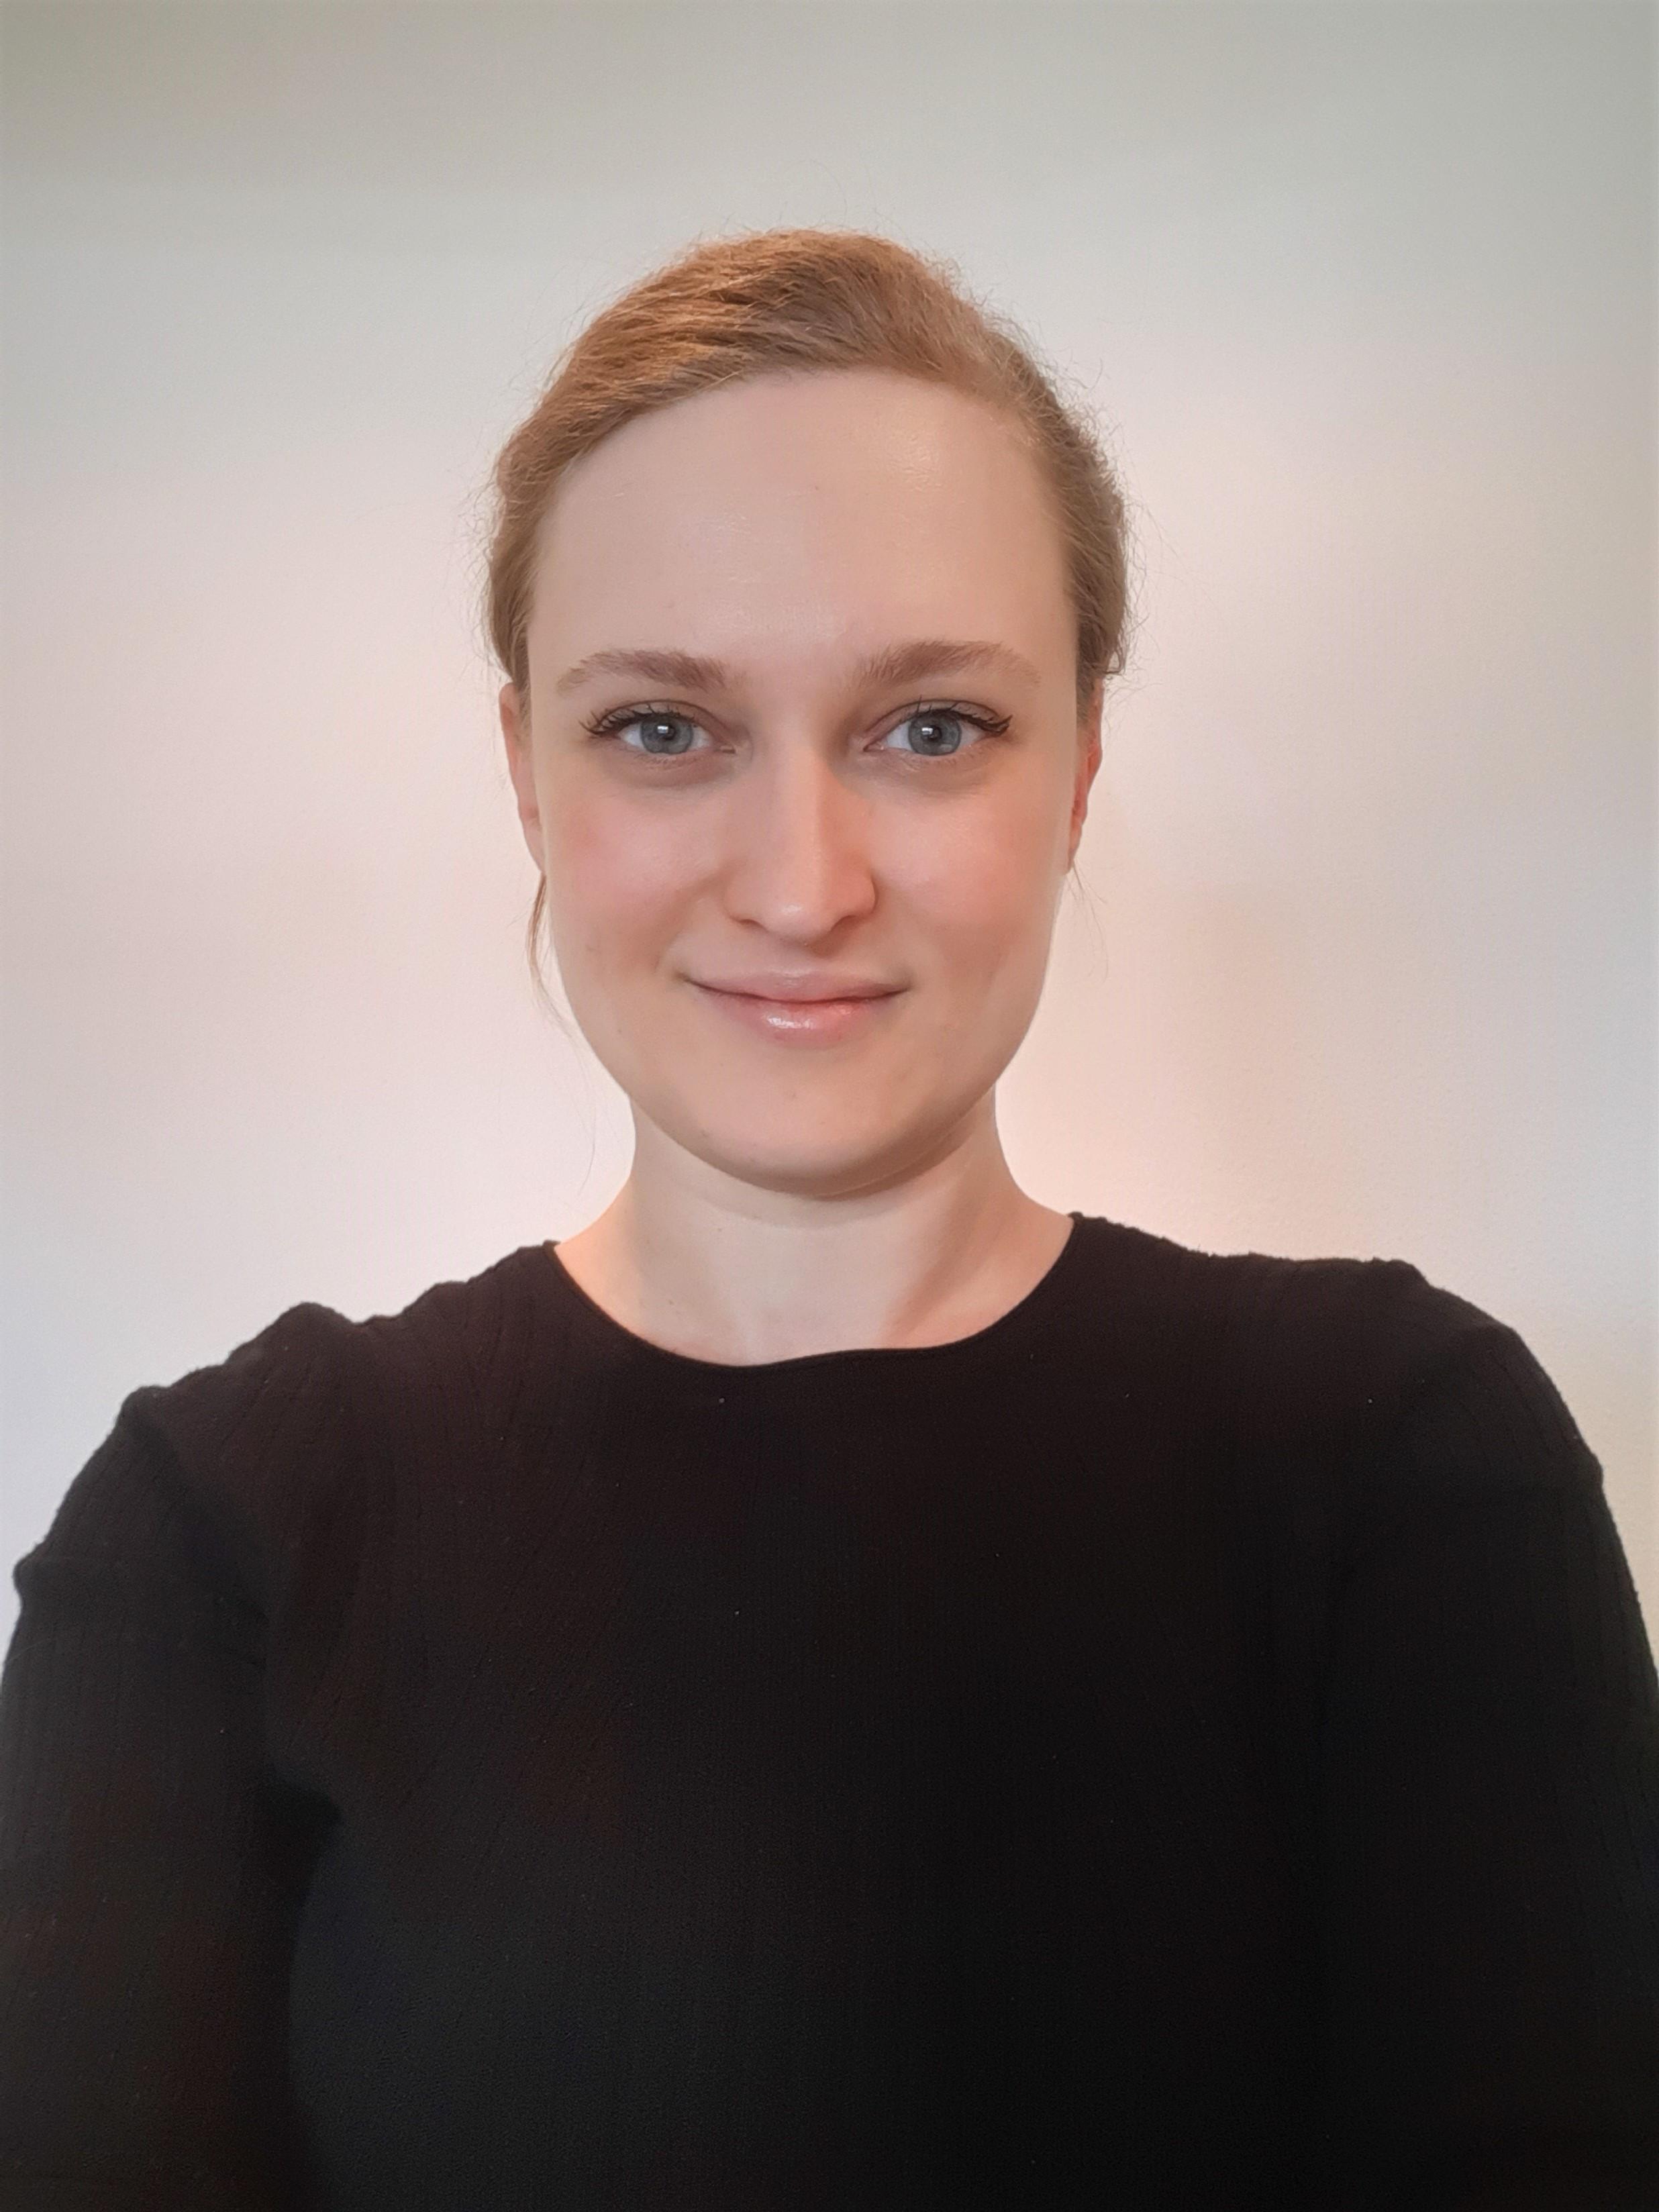 Chantal Gorissen